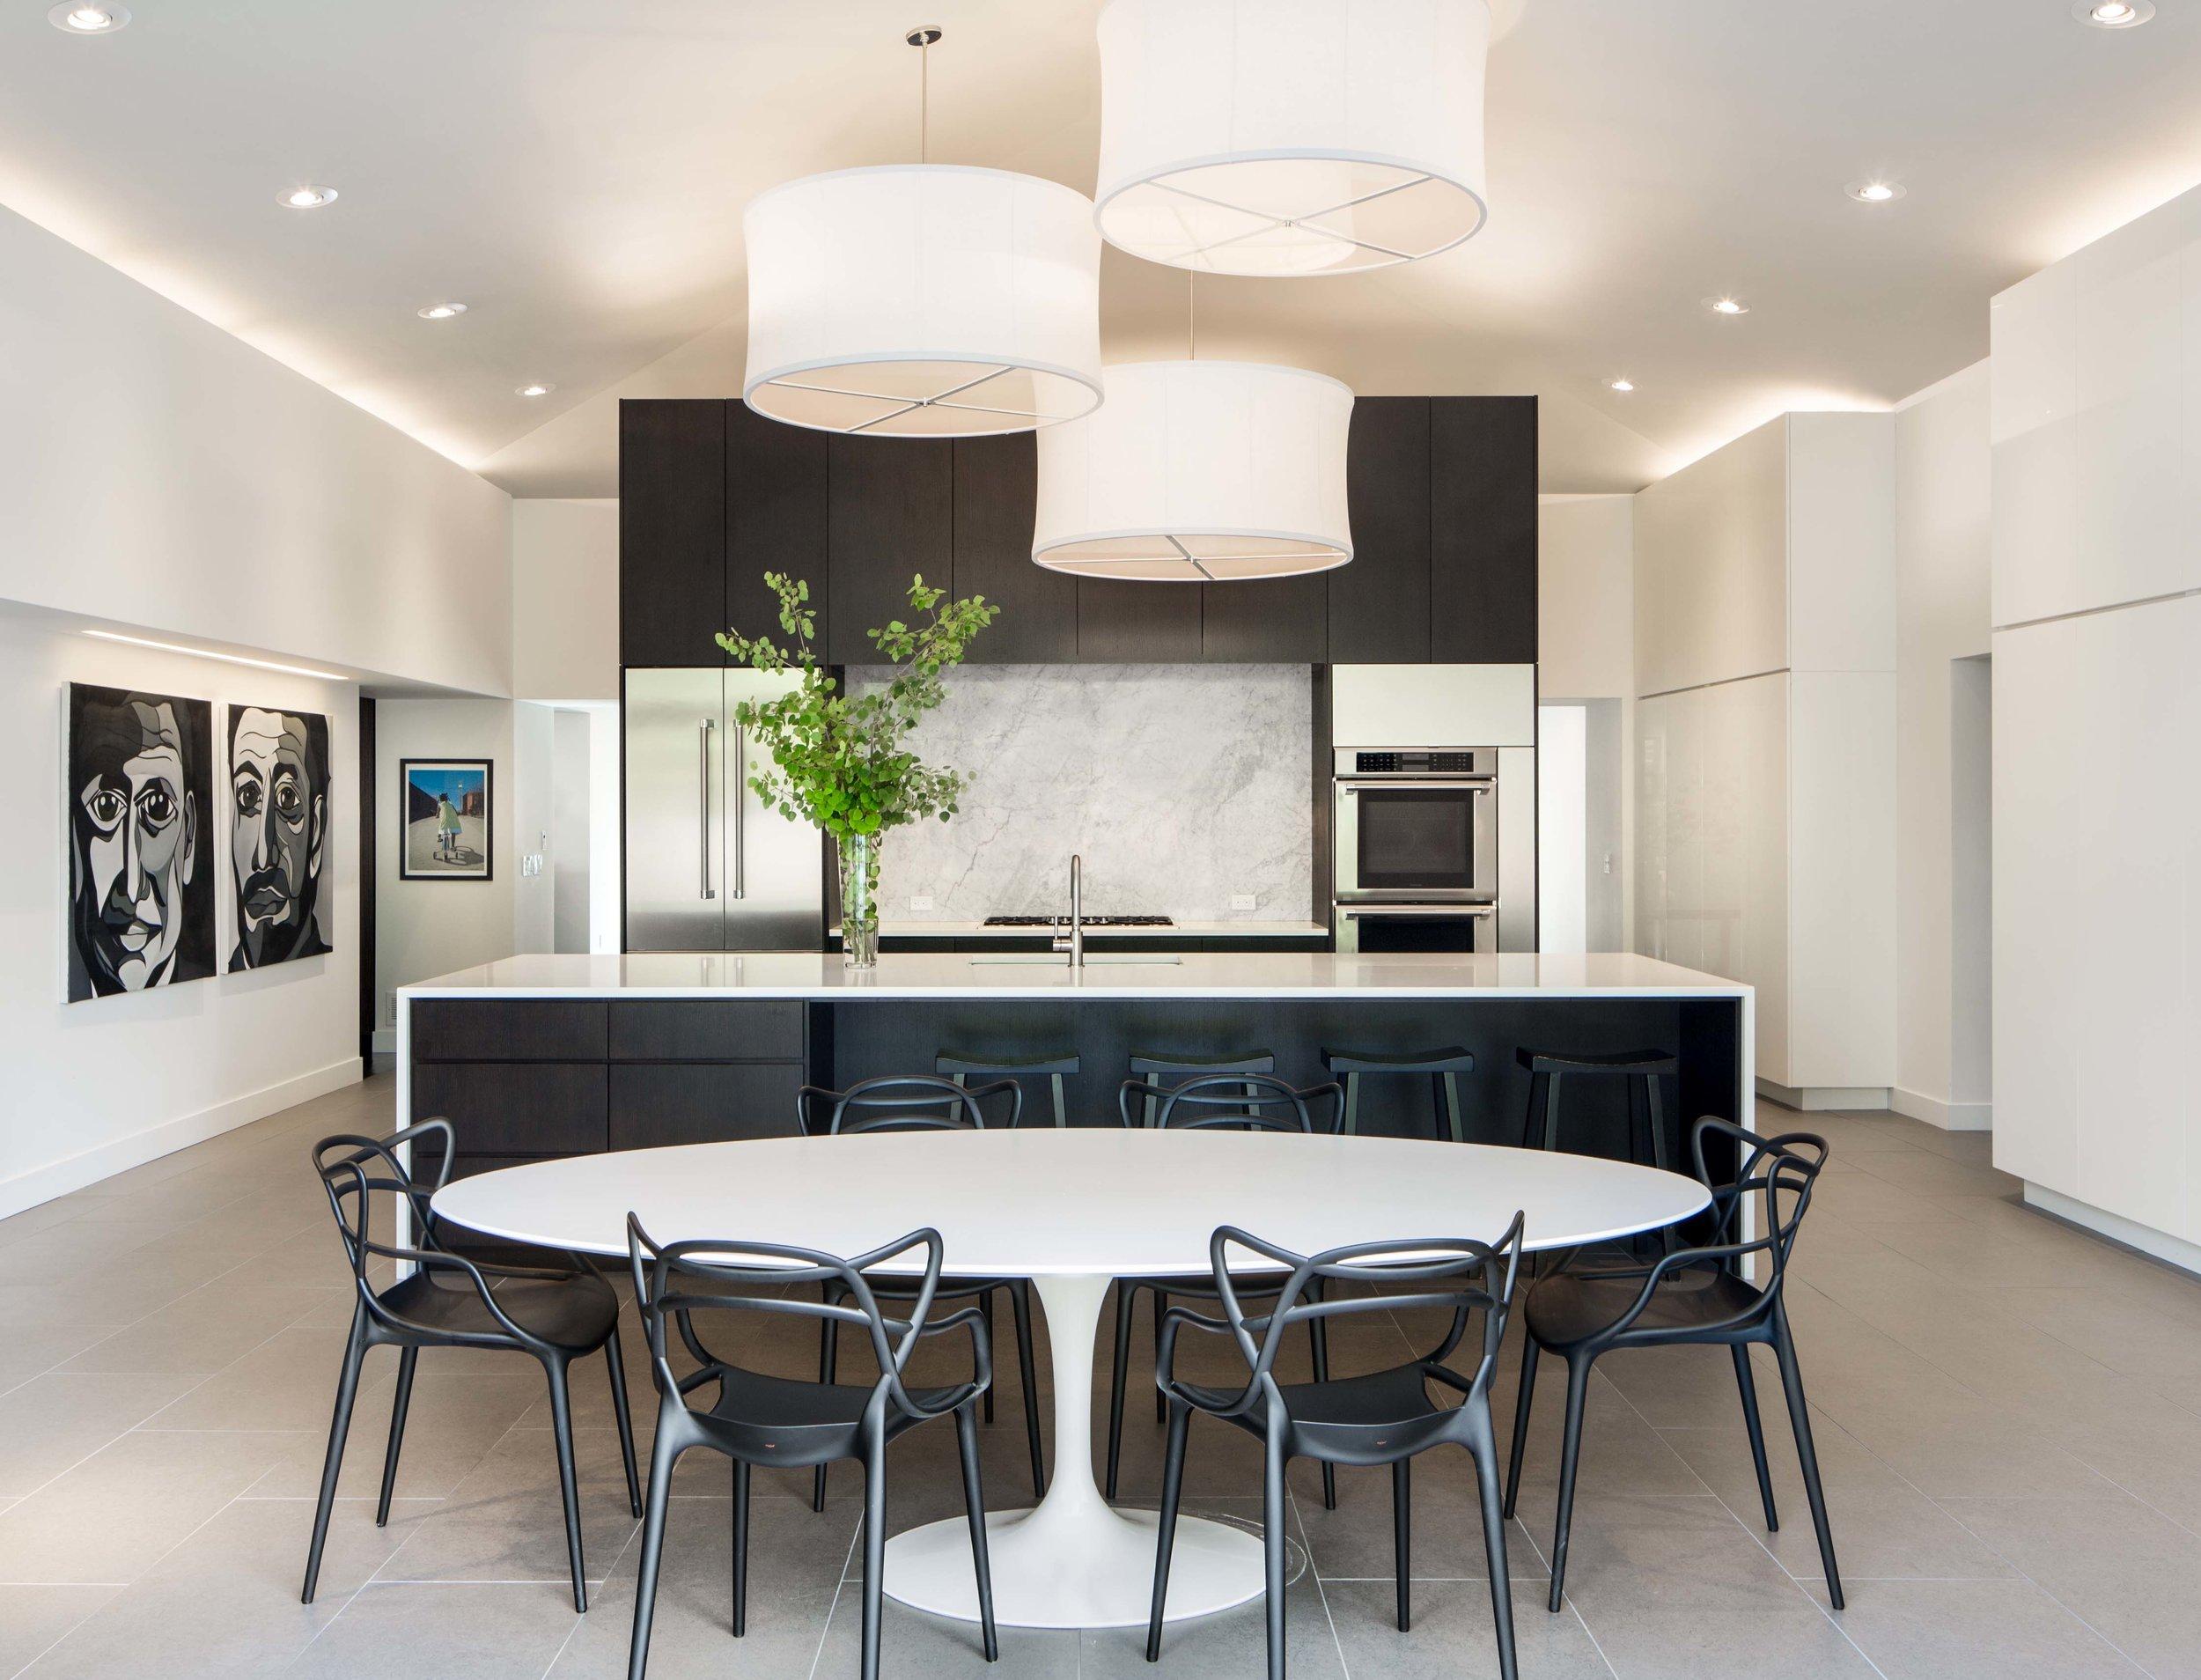 kitchen design denver. Donner Residence Design Platform